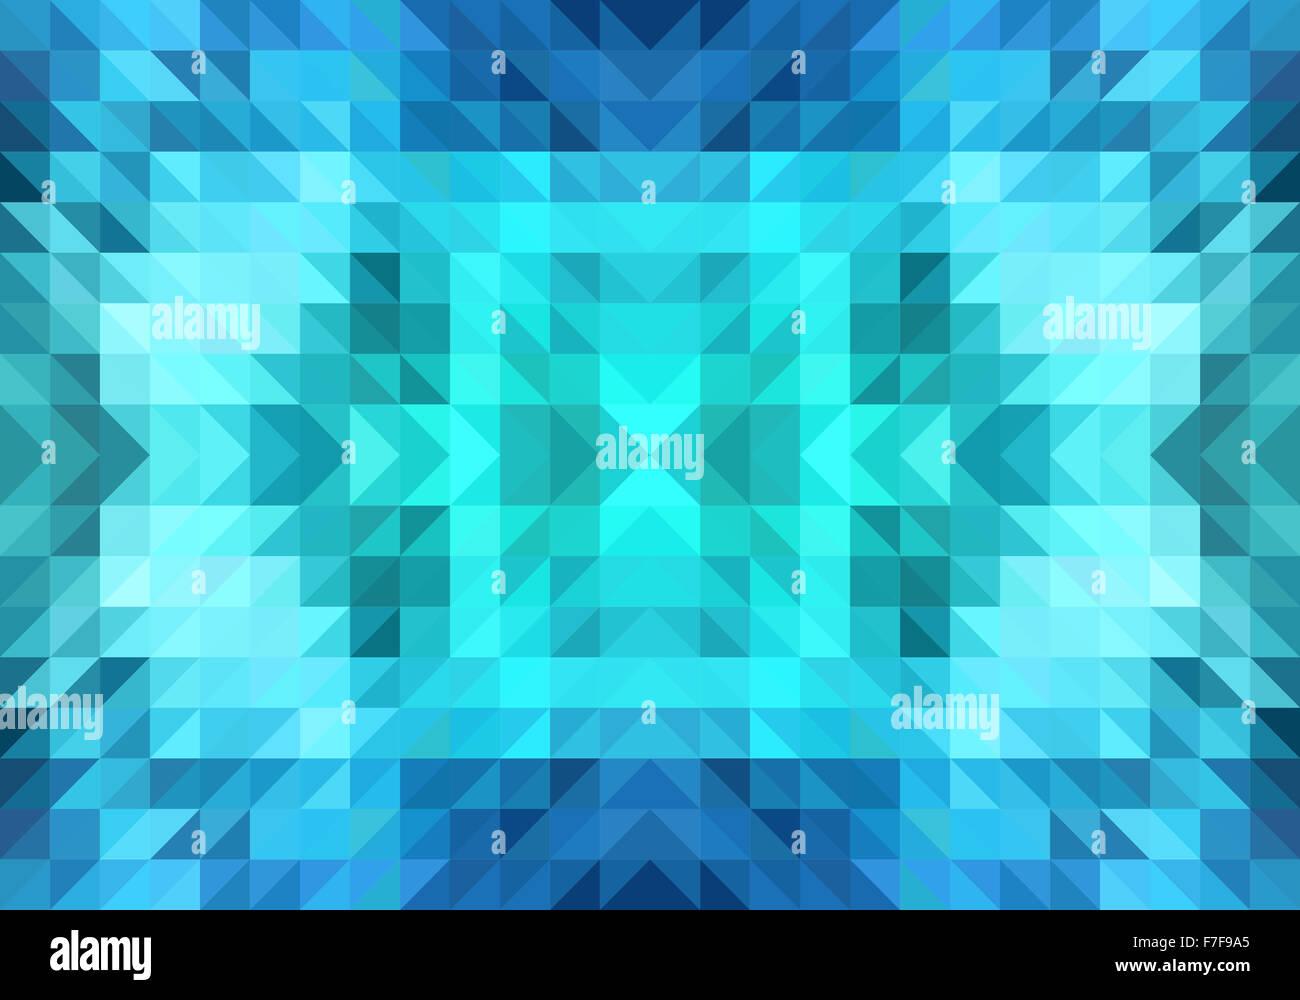 Résumé motif géométrique triangle bleu, l'arrière-plan vectoriel continu Photo Stock